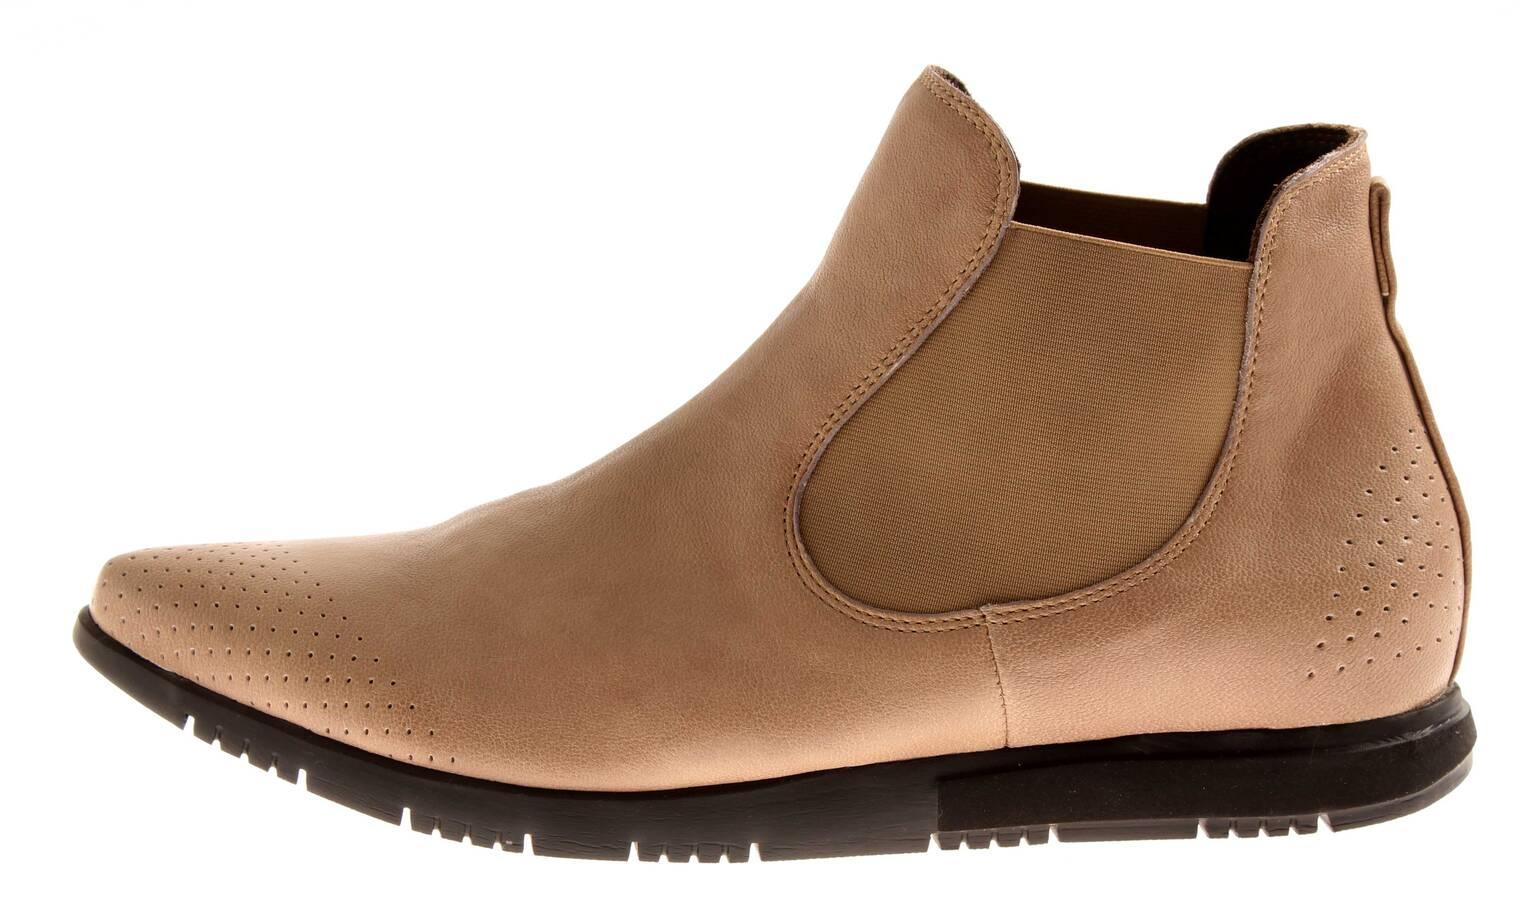 Think Stiefel  84138 klassische Chelsea Stiefel Think Stiefelette Lederschuhe OIWAI 075ef9